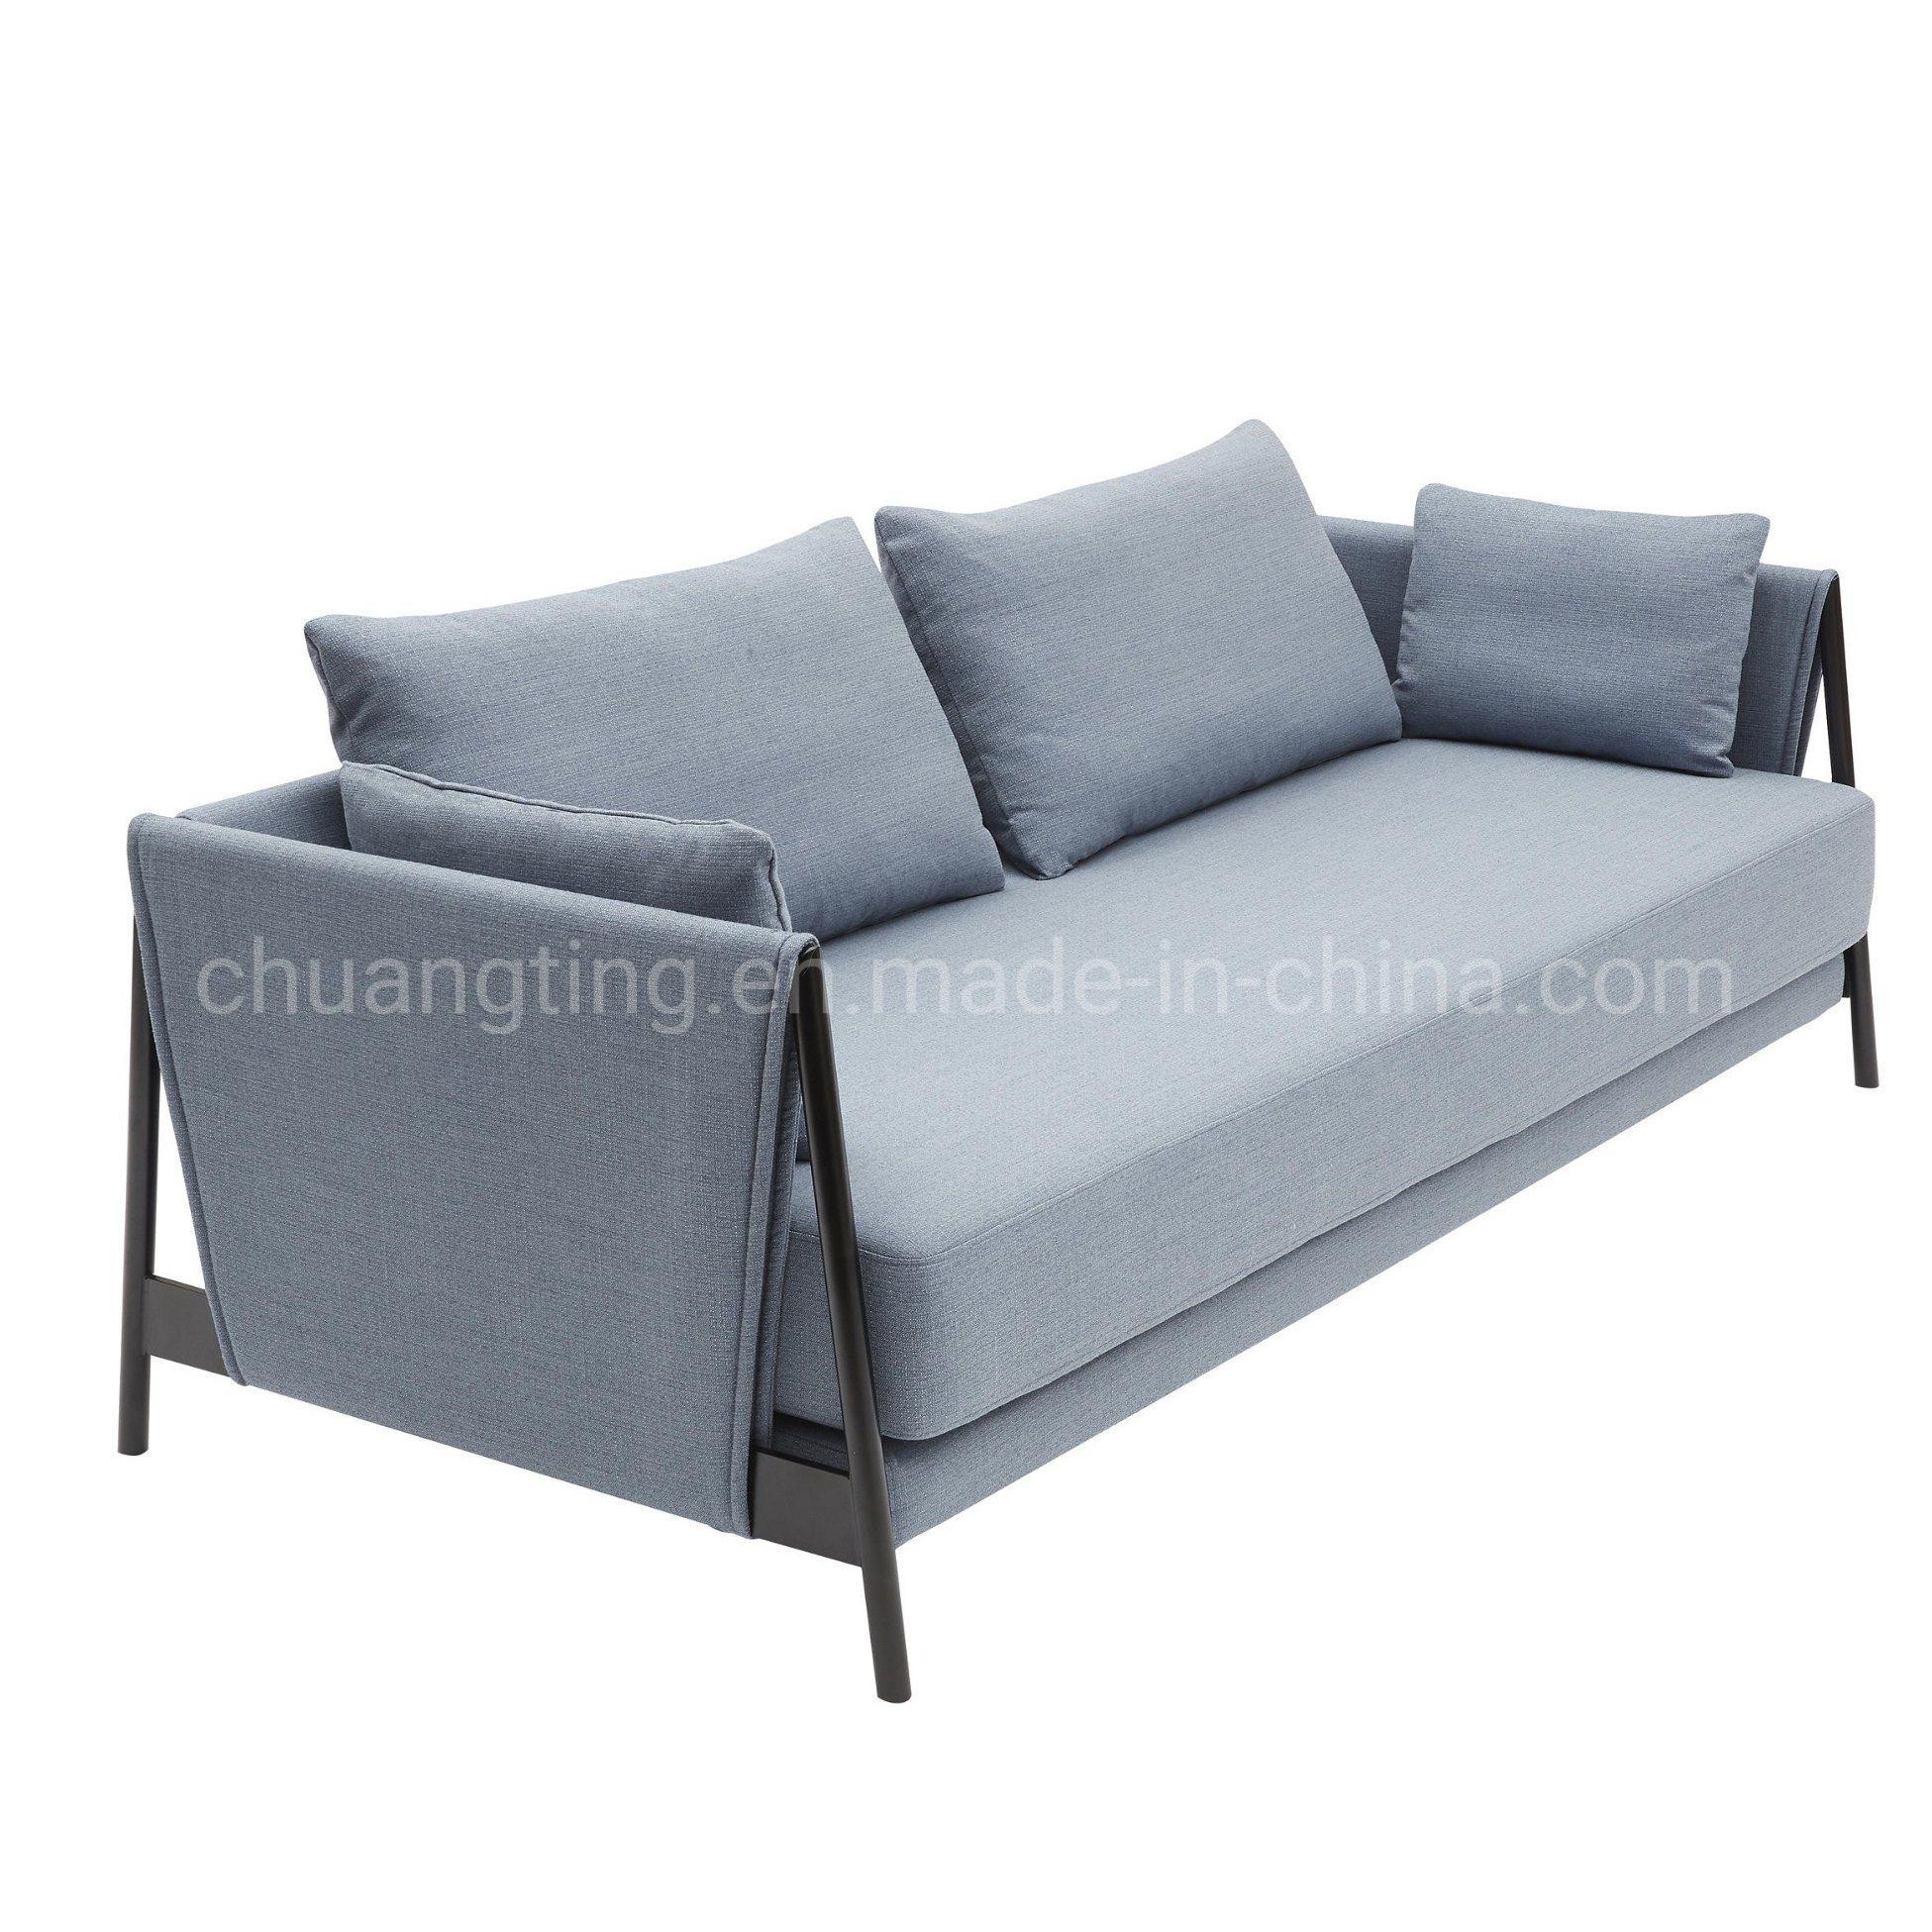 Modern Design Chair Sofa Bed